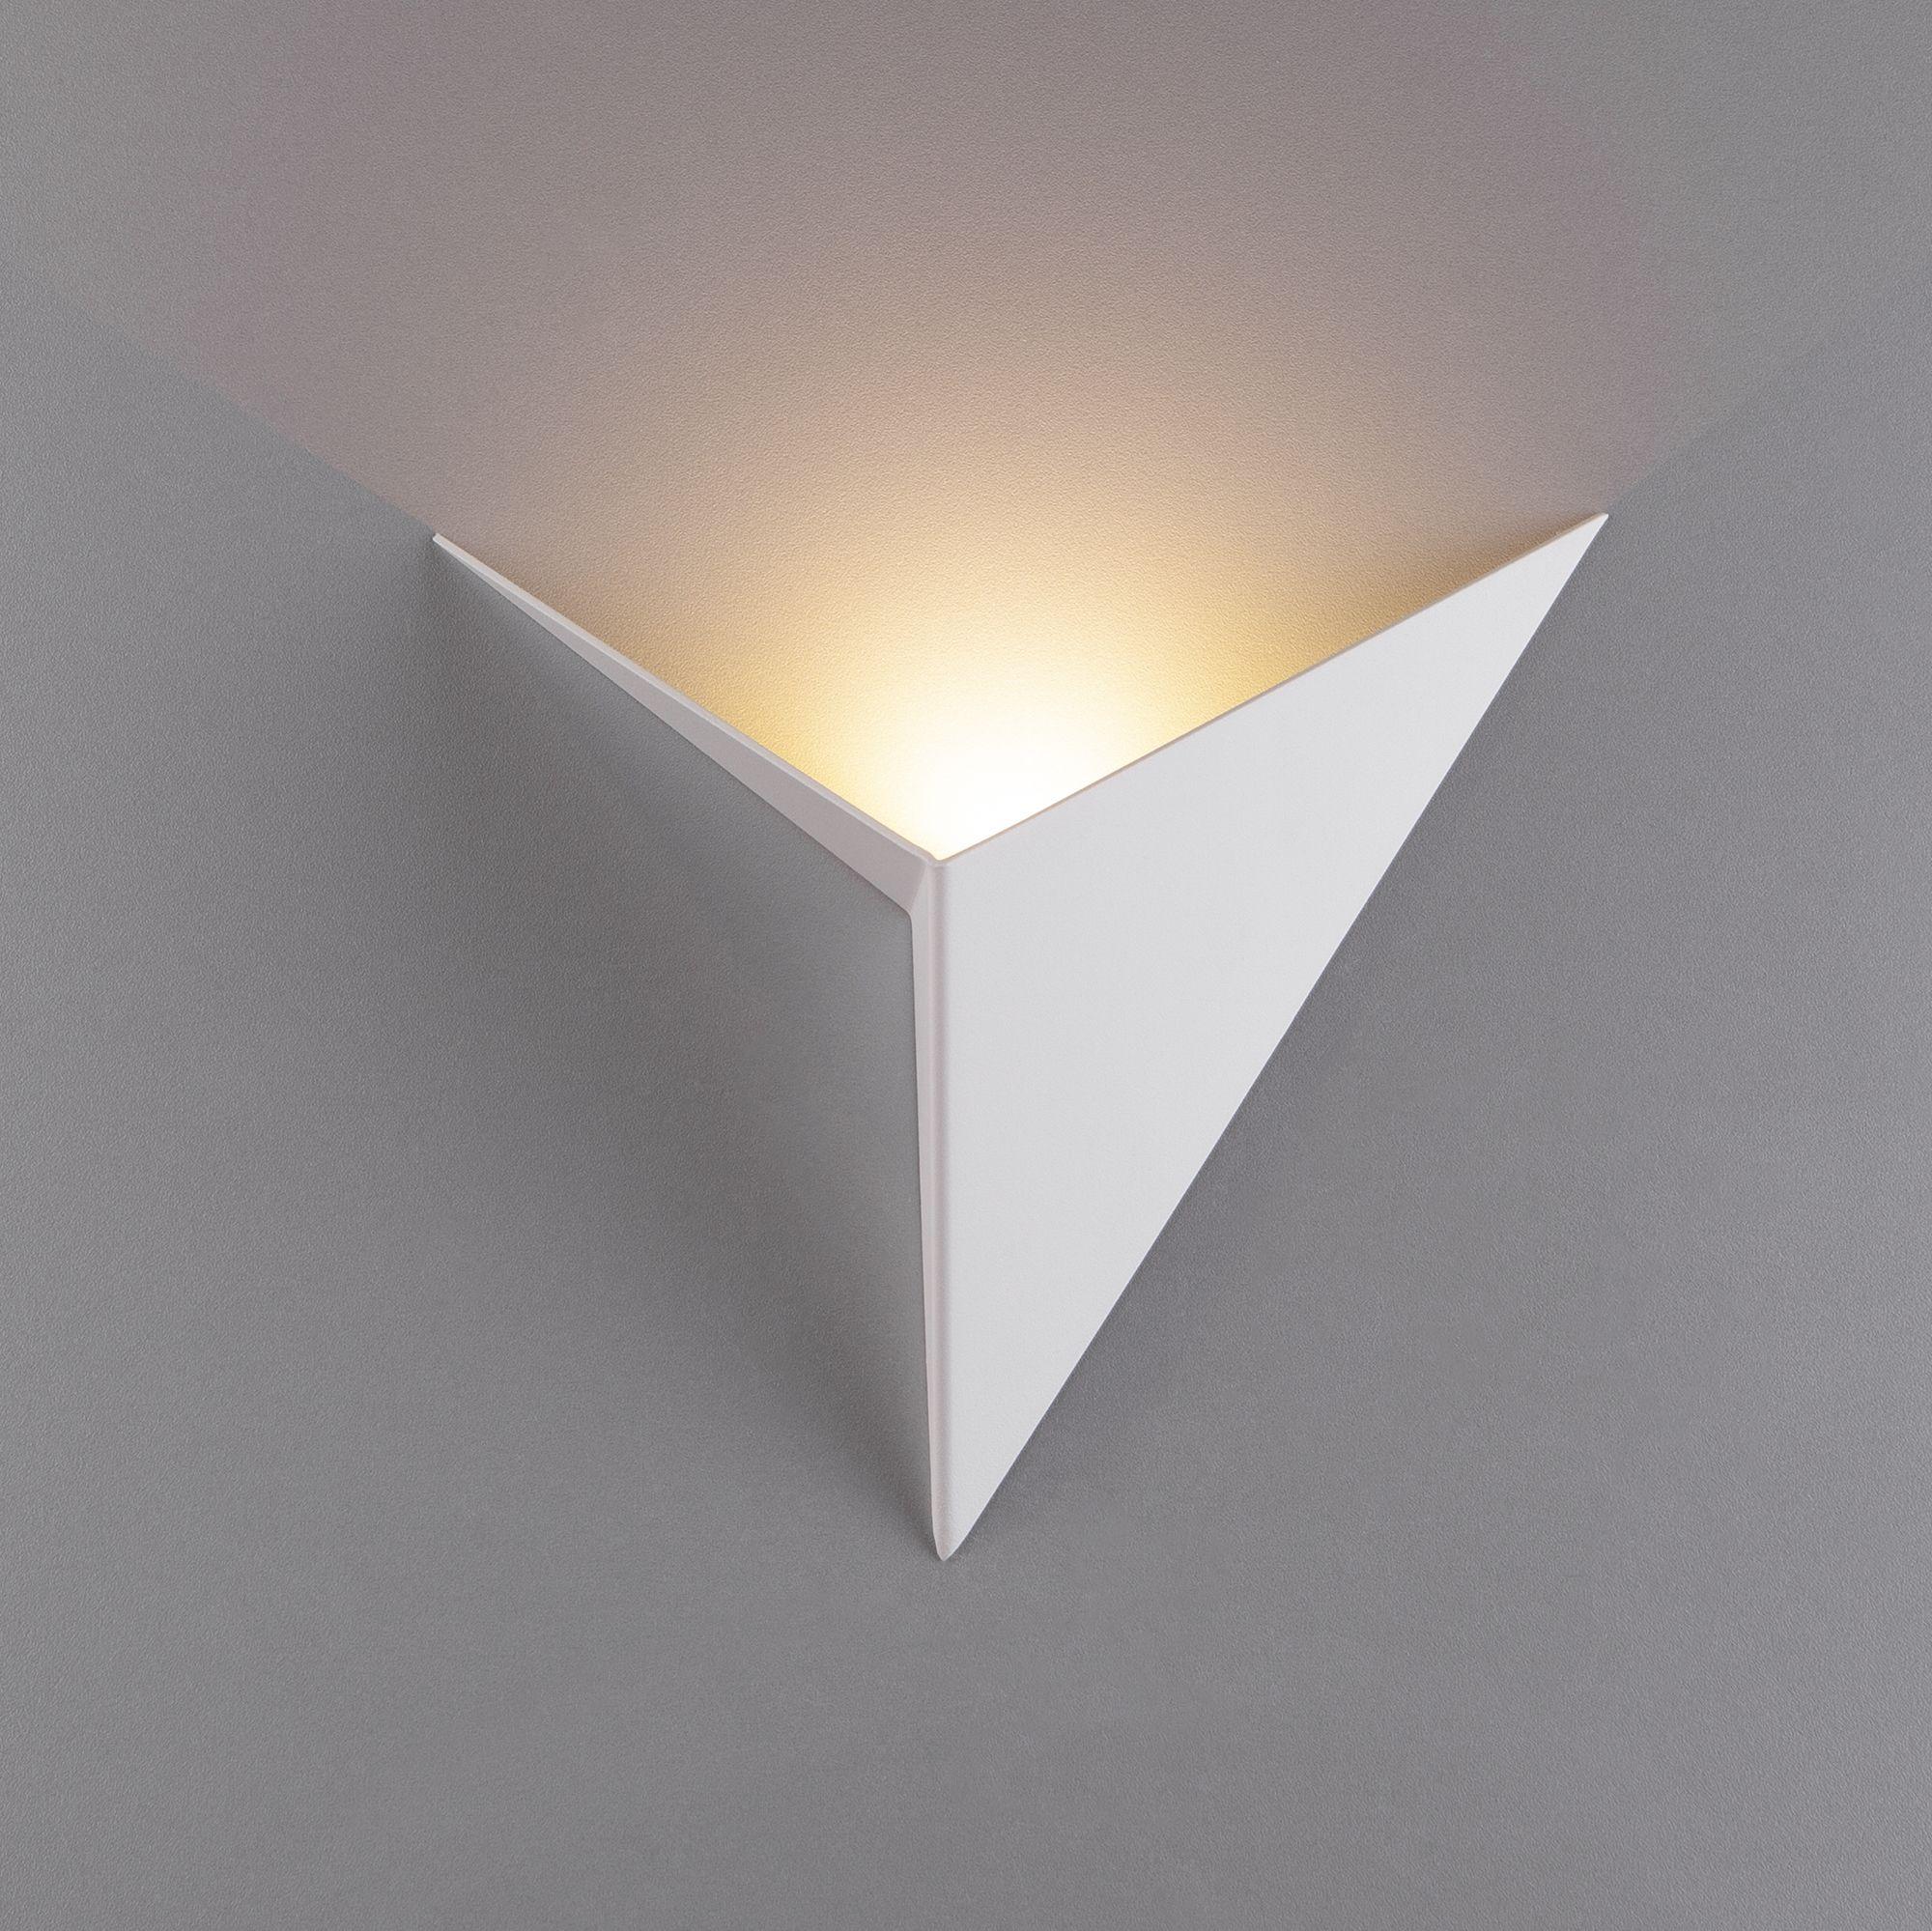 Настенный светодиодный светильник Parete LED MRL LED 3W 1008 IP20 белый